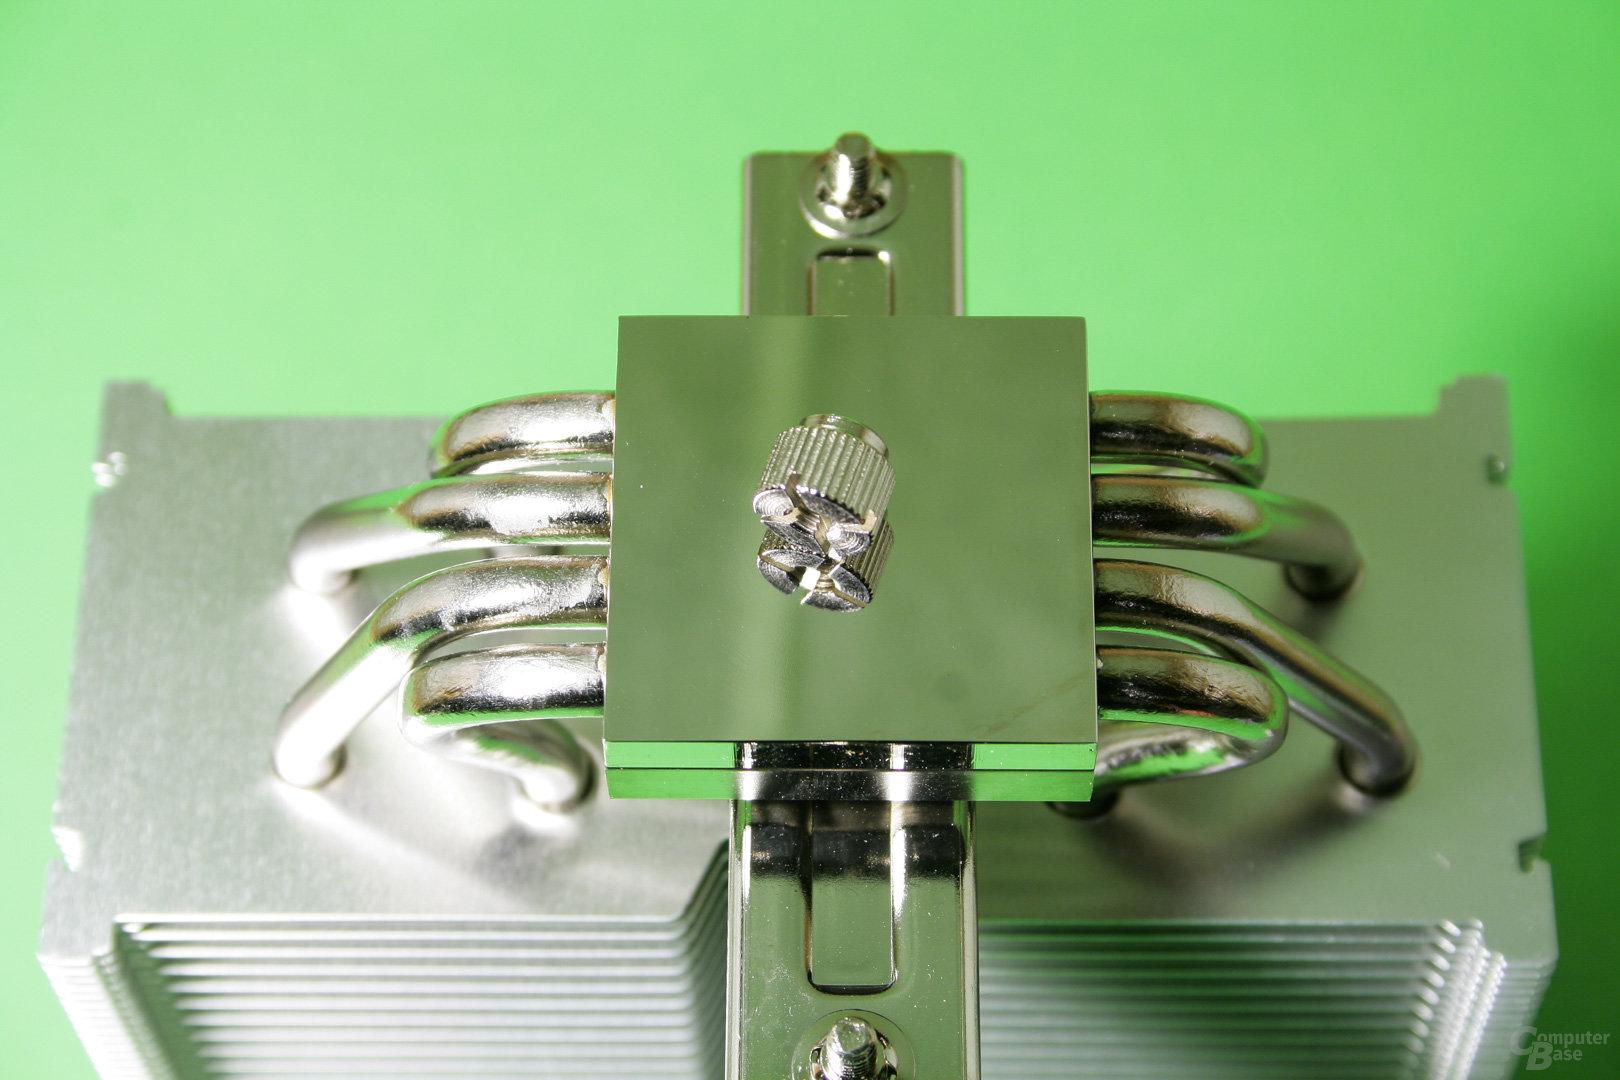 Vier vernickelte Heatpipes sind mit einer blank polierten vernickelten Bodenplatte verbunden